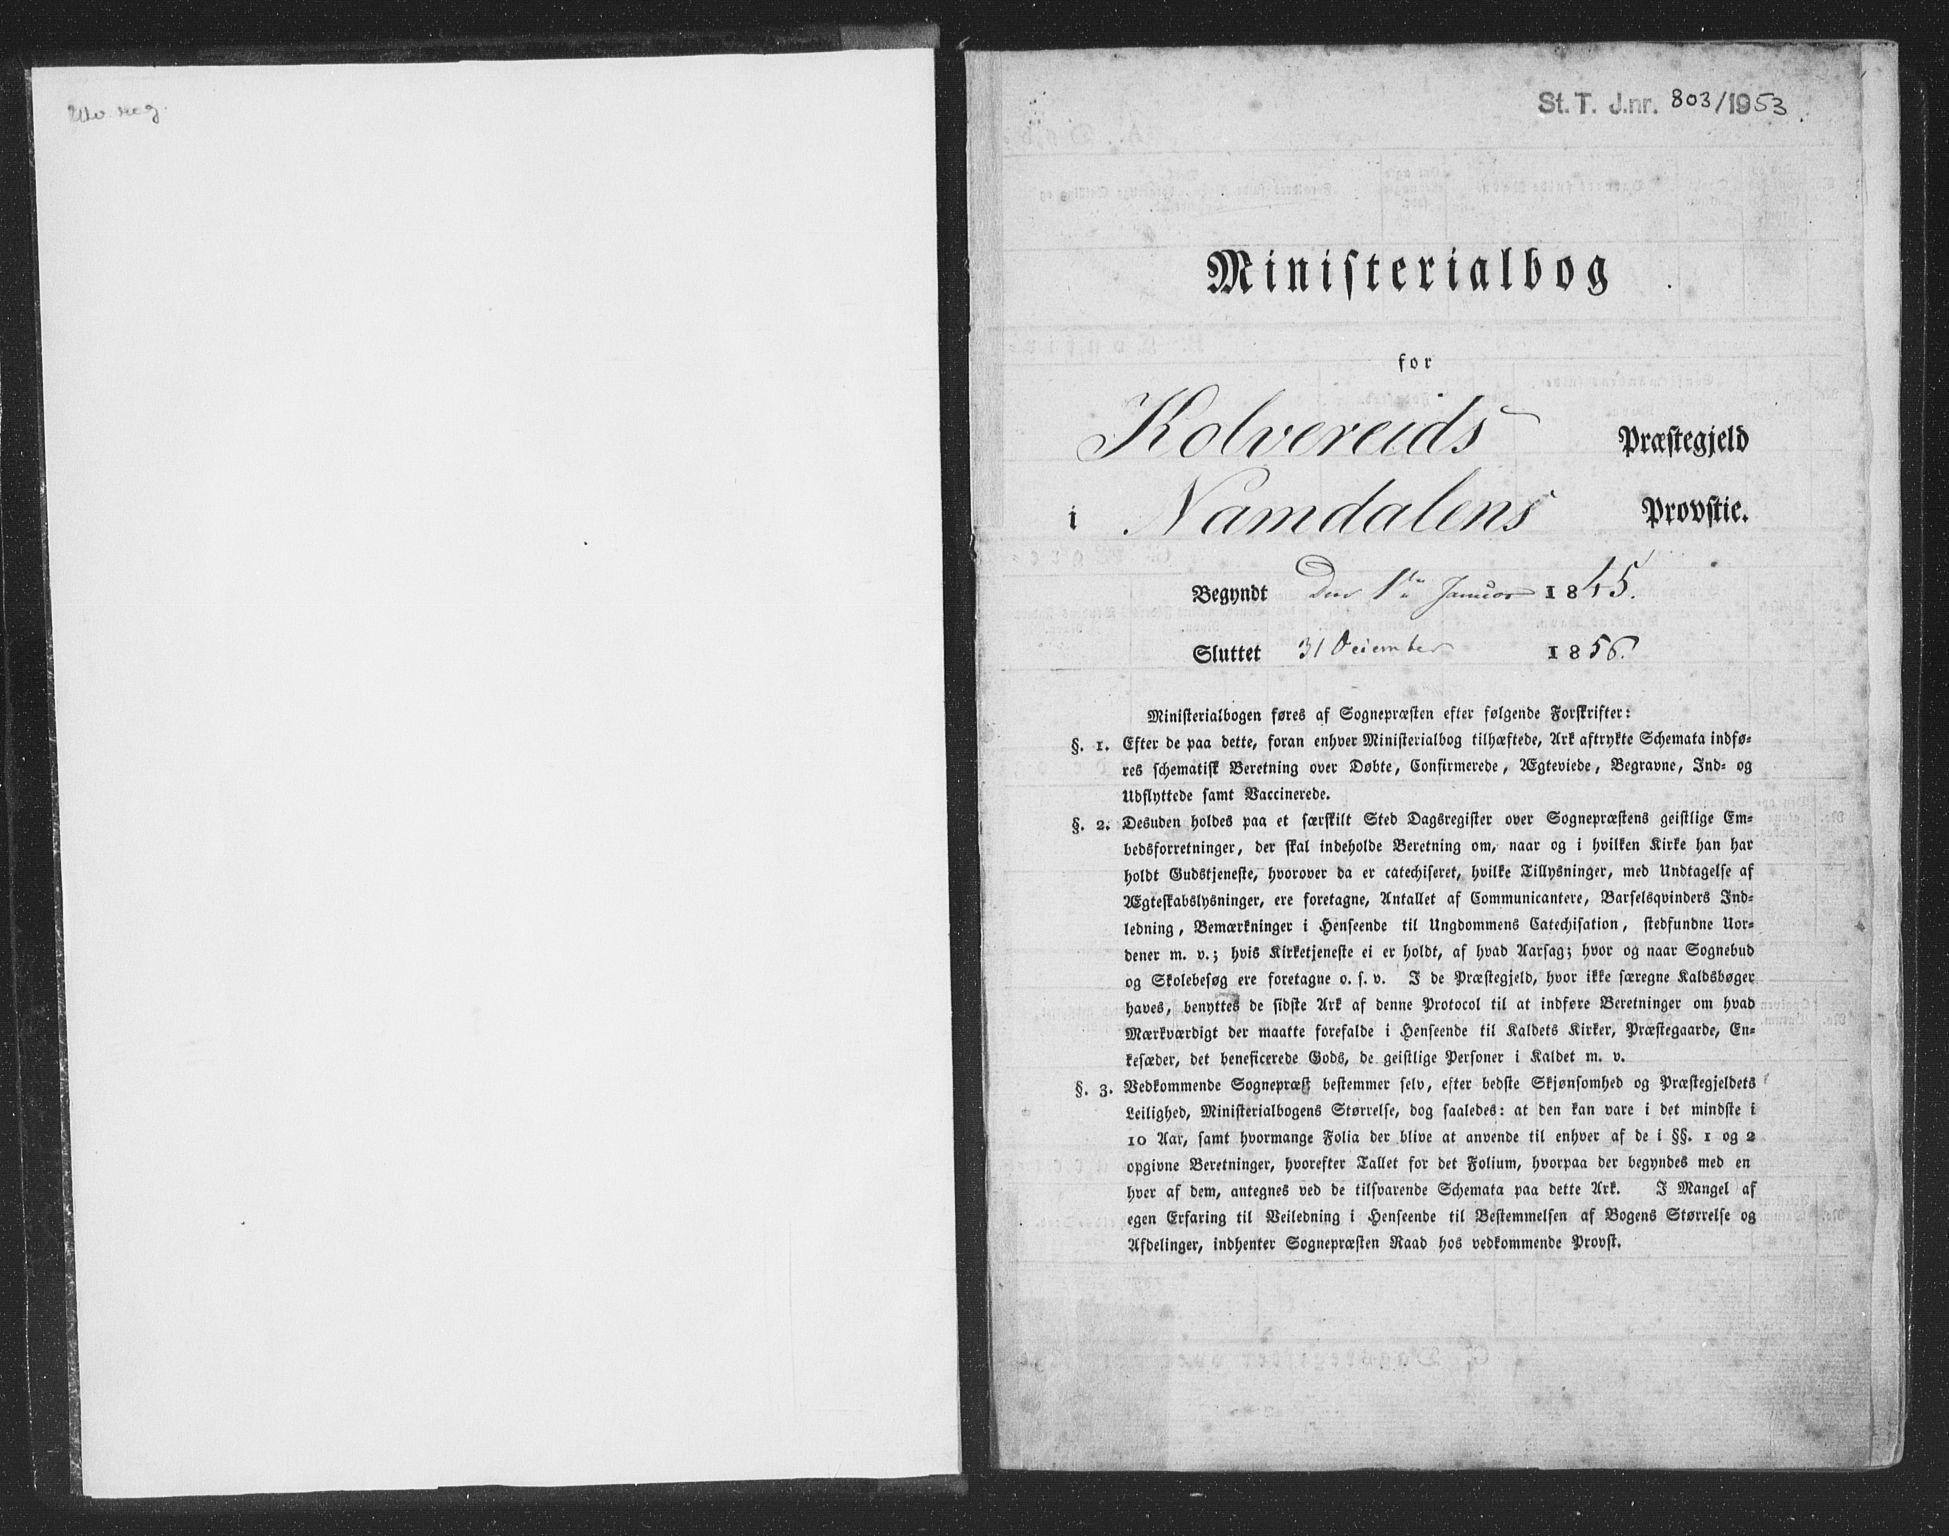 SAT, Ministerialprotokoller, klokkerbøker og fødselsregistre - Nord-Trøndelag, 780/L0640: Ministerialbok nr. 780A05, 1845-1856